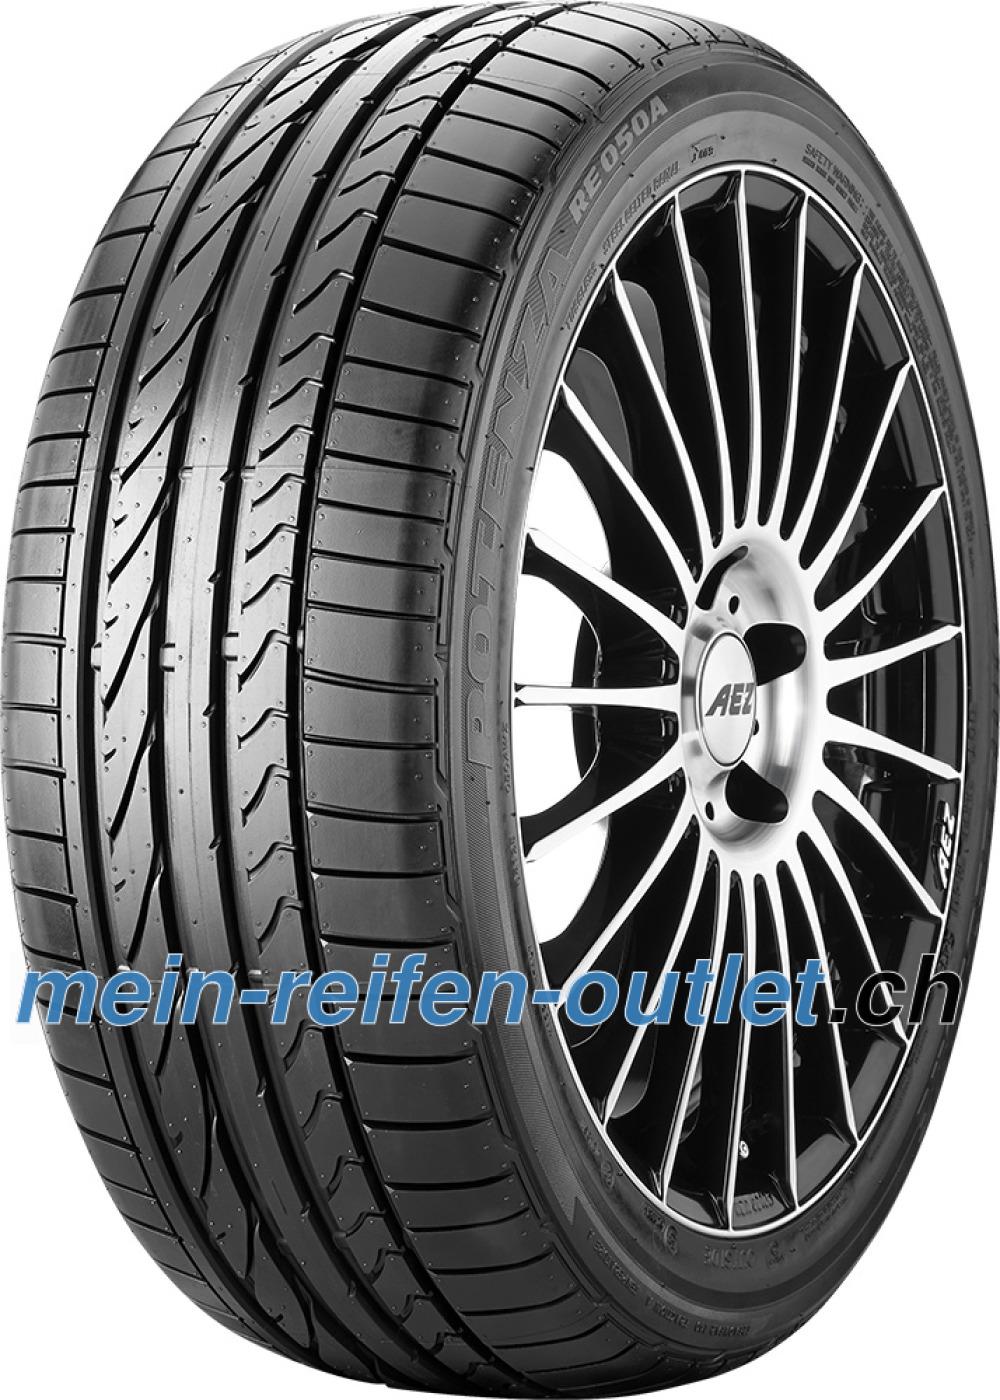 Bridgestone Potenza RE 050 A ( 265/35 R19 98Y XL AO, mit Felgenschutz (MFS) )